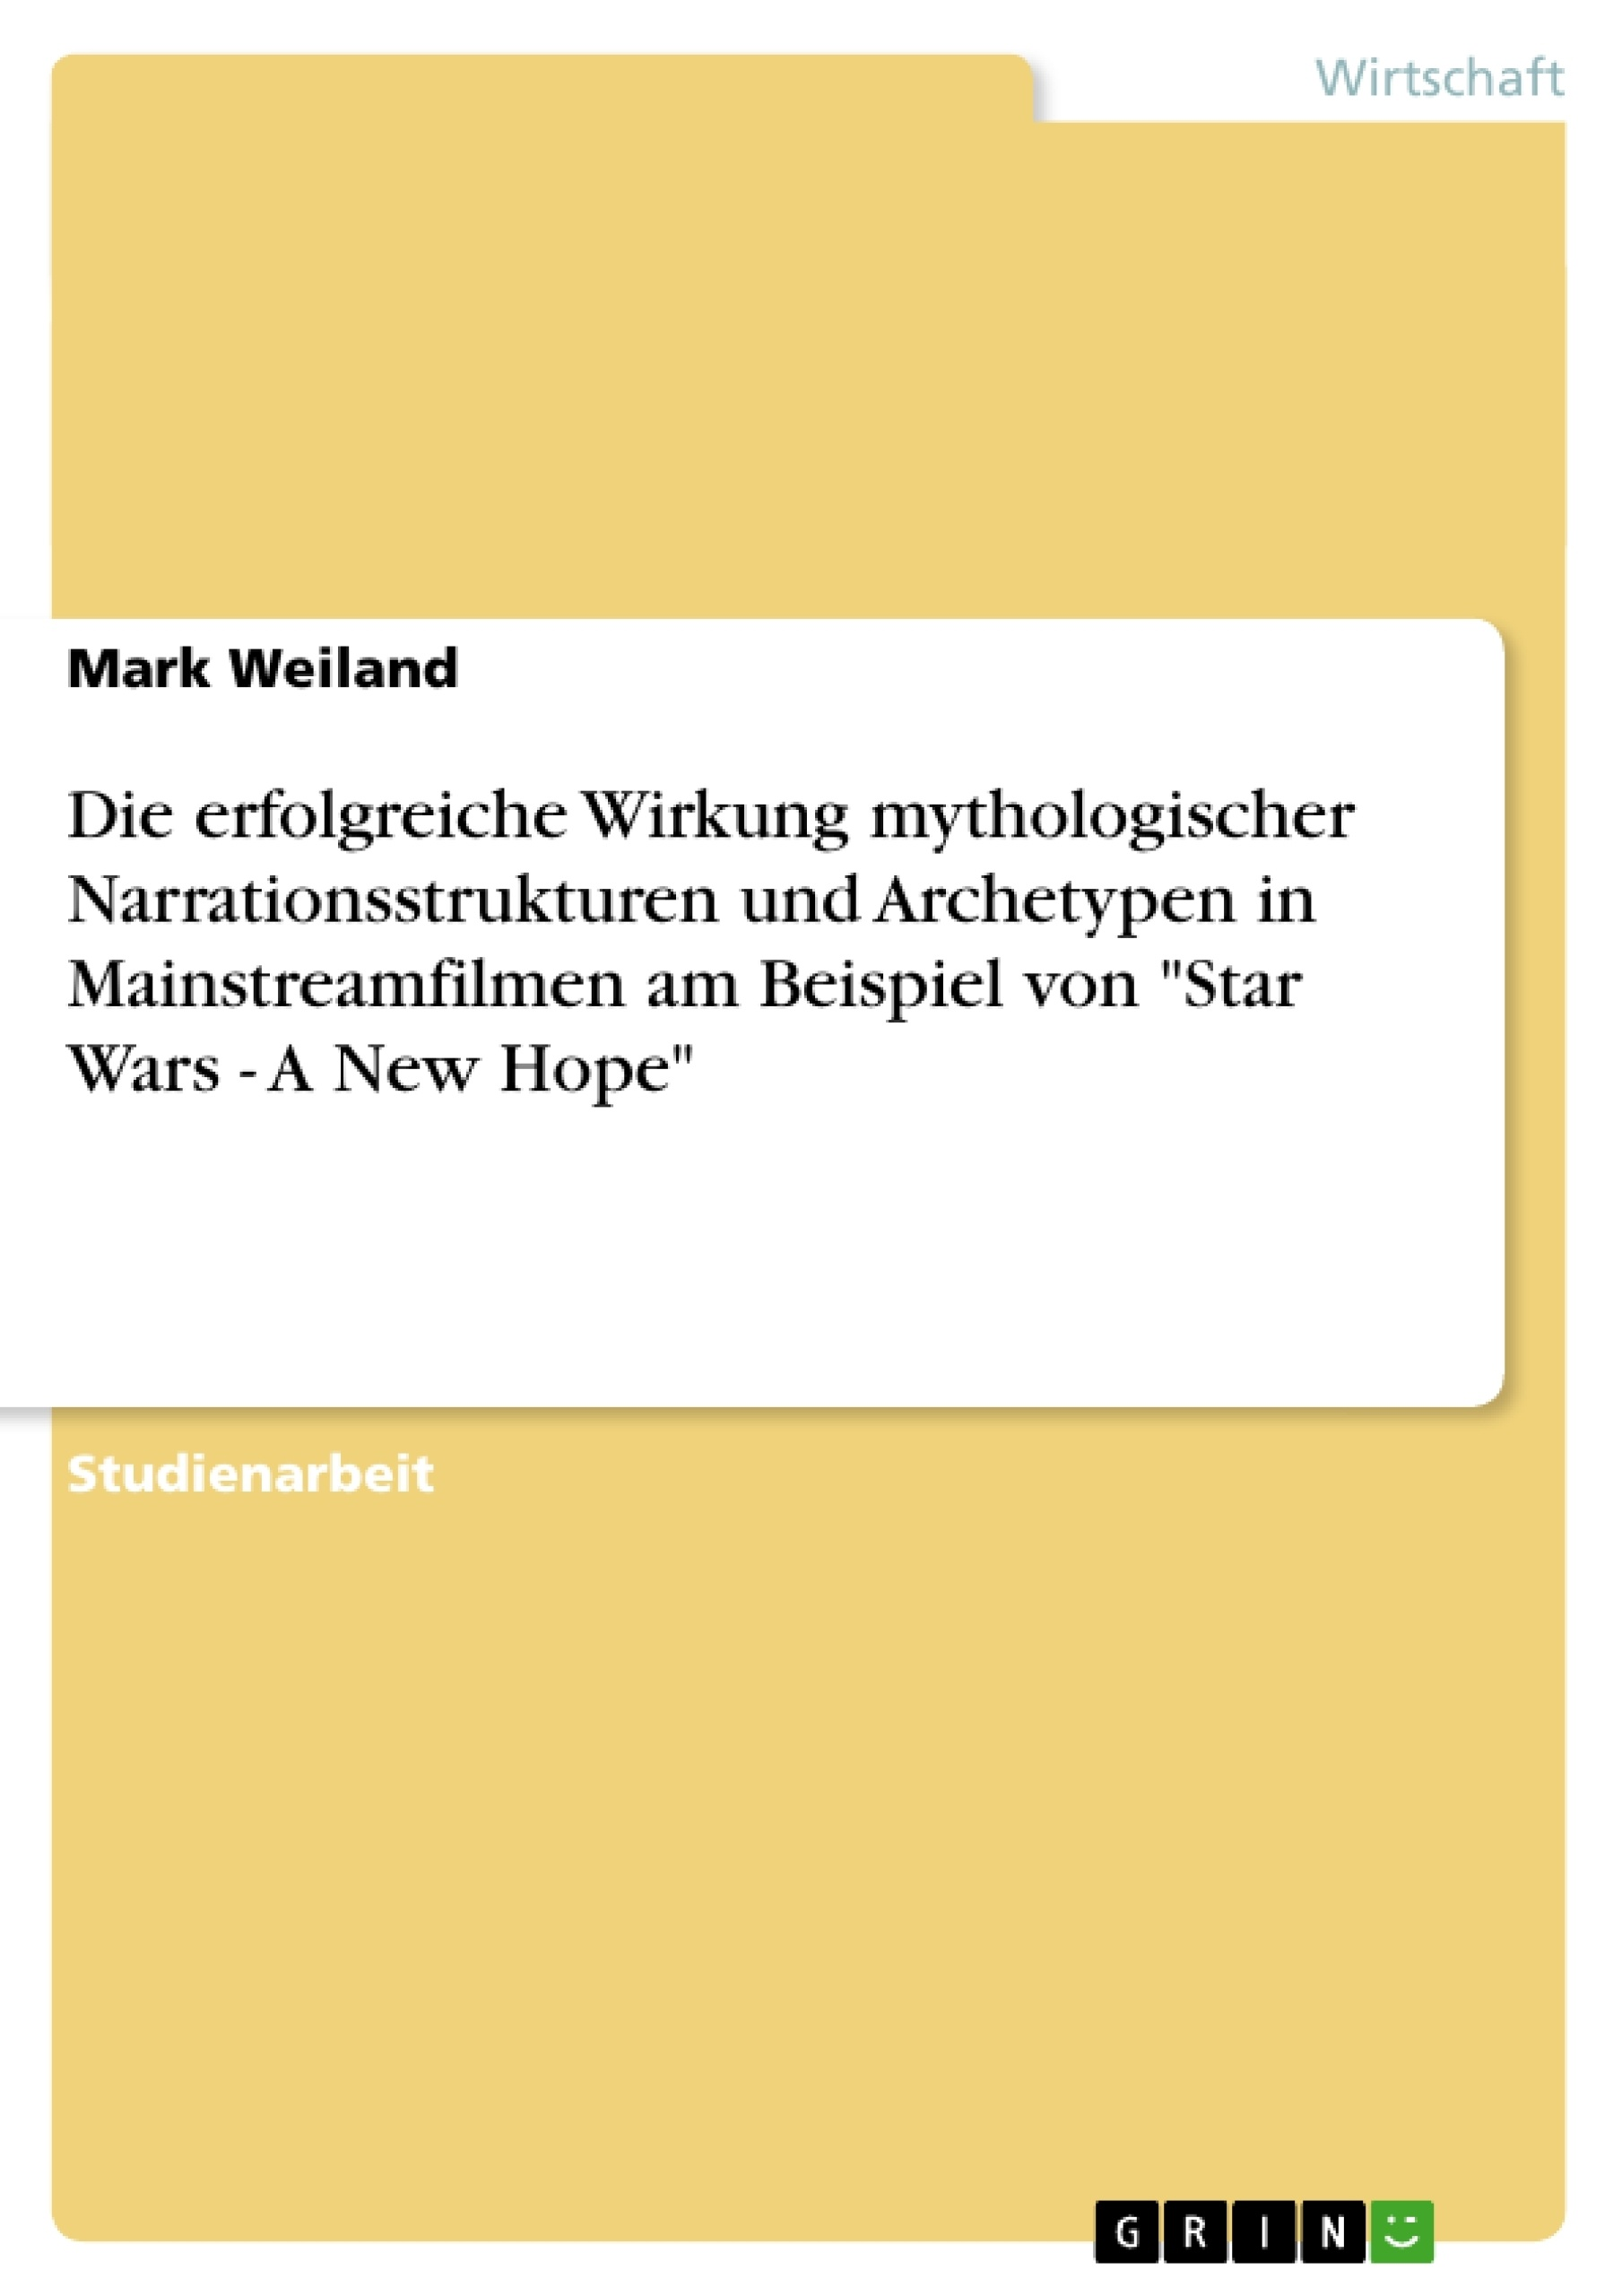 """Titel: Die erfolgreiche Wirkung mythologischer Narrationsstrukturen und Archetypen in Mainstreamfilmen am Beispiel von """"Star Wars - A New Hope"""""""